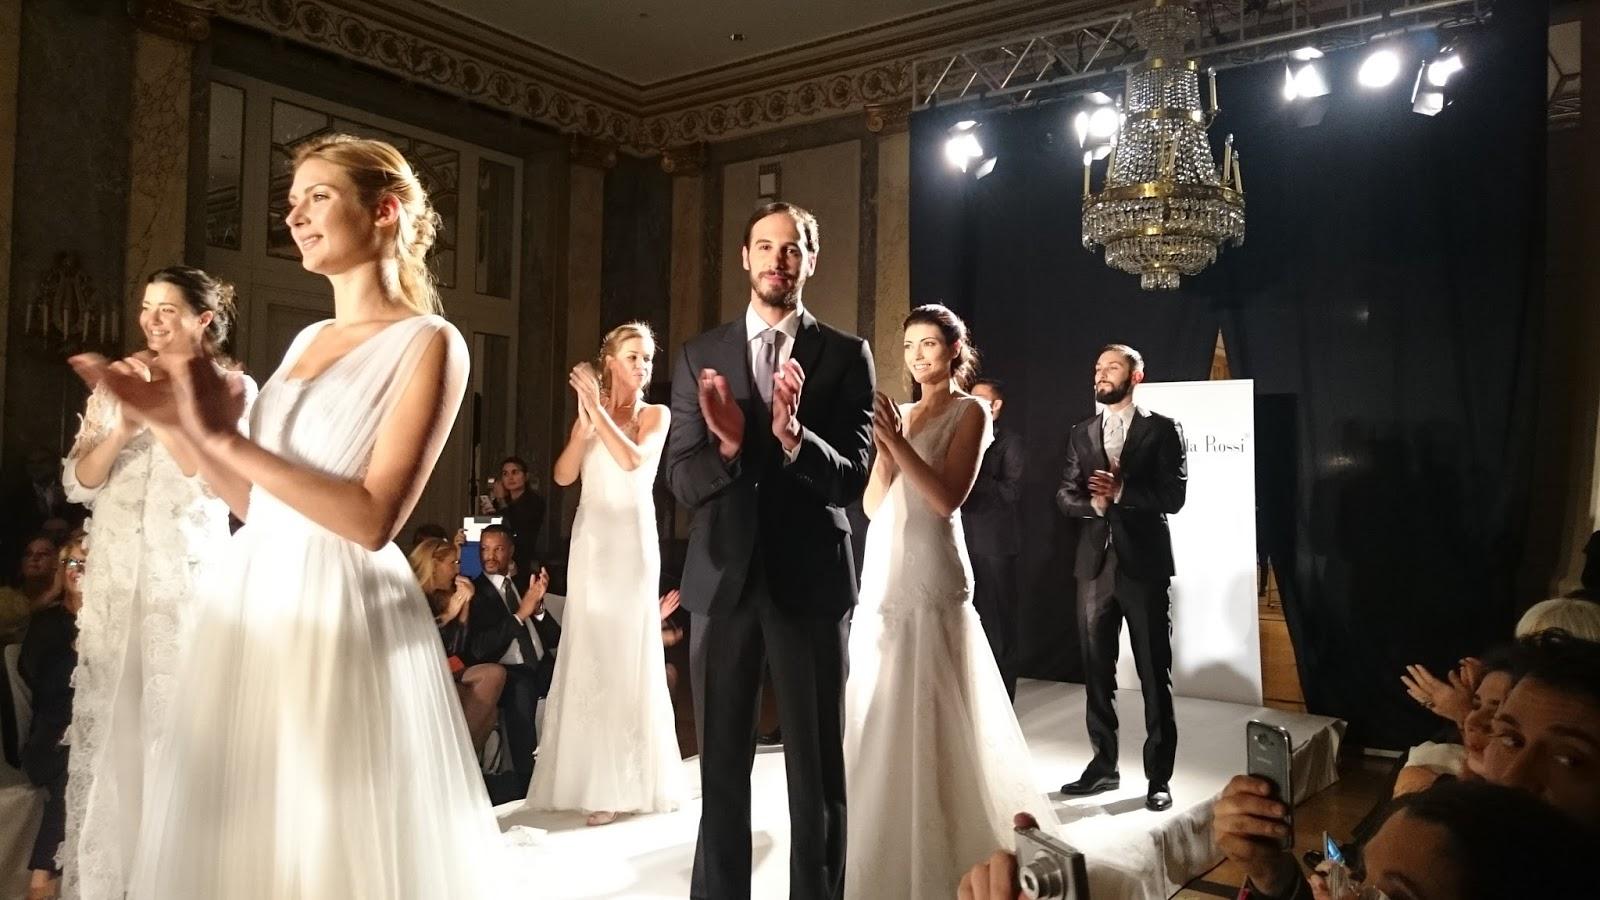 Antonella Rossi Sfila al Grand Hotel Westin Excelsior. di Rosalba Lupo 1da0f493f97